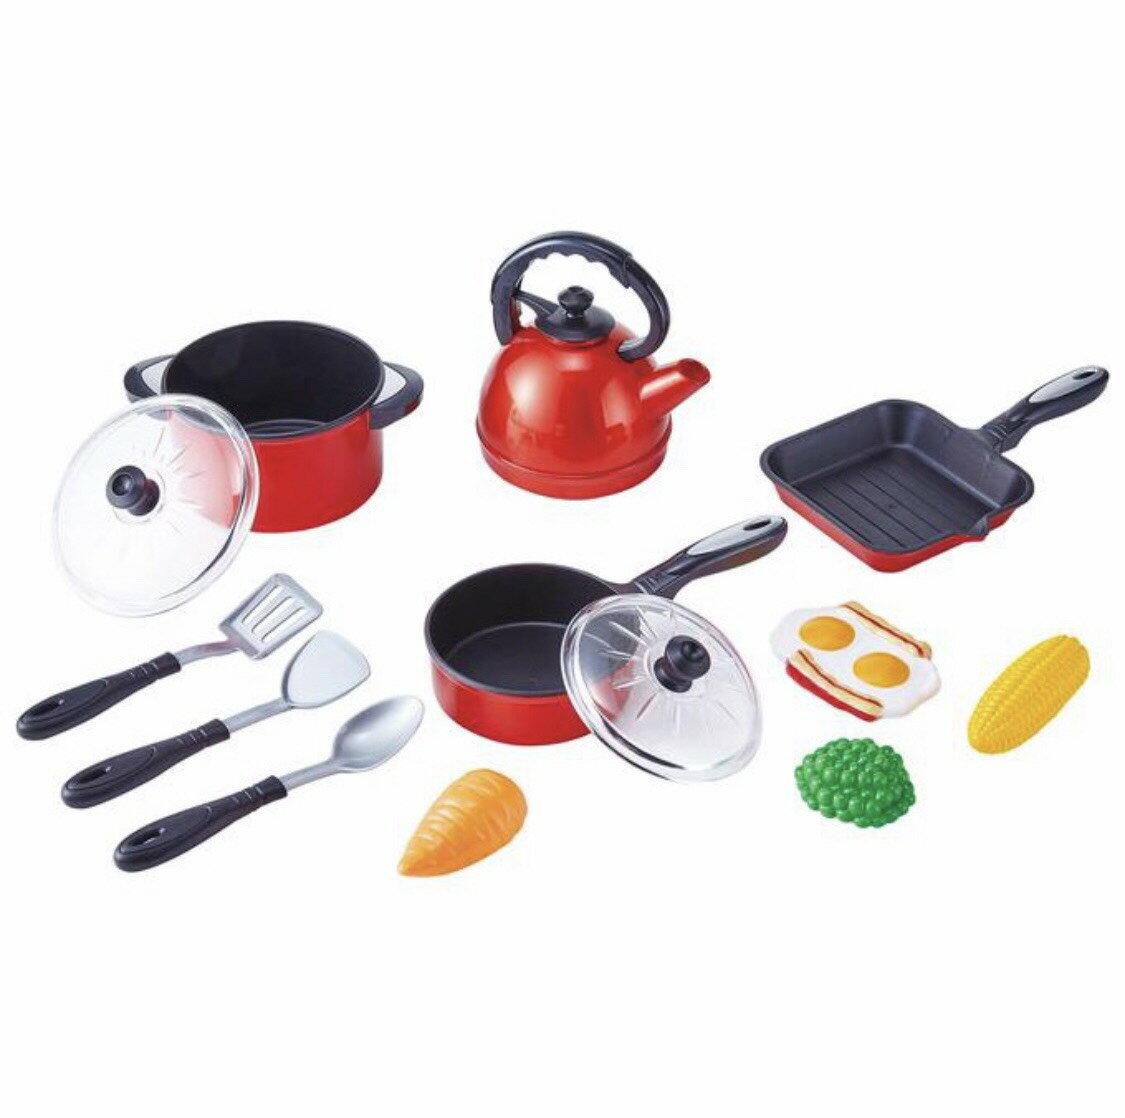 【台灣公司貨】FOOD超人-我是小廚師 趣味家家酒廚具玩具